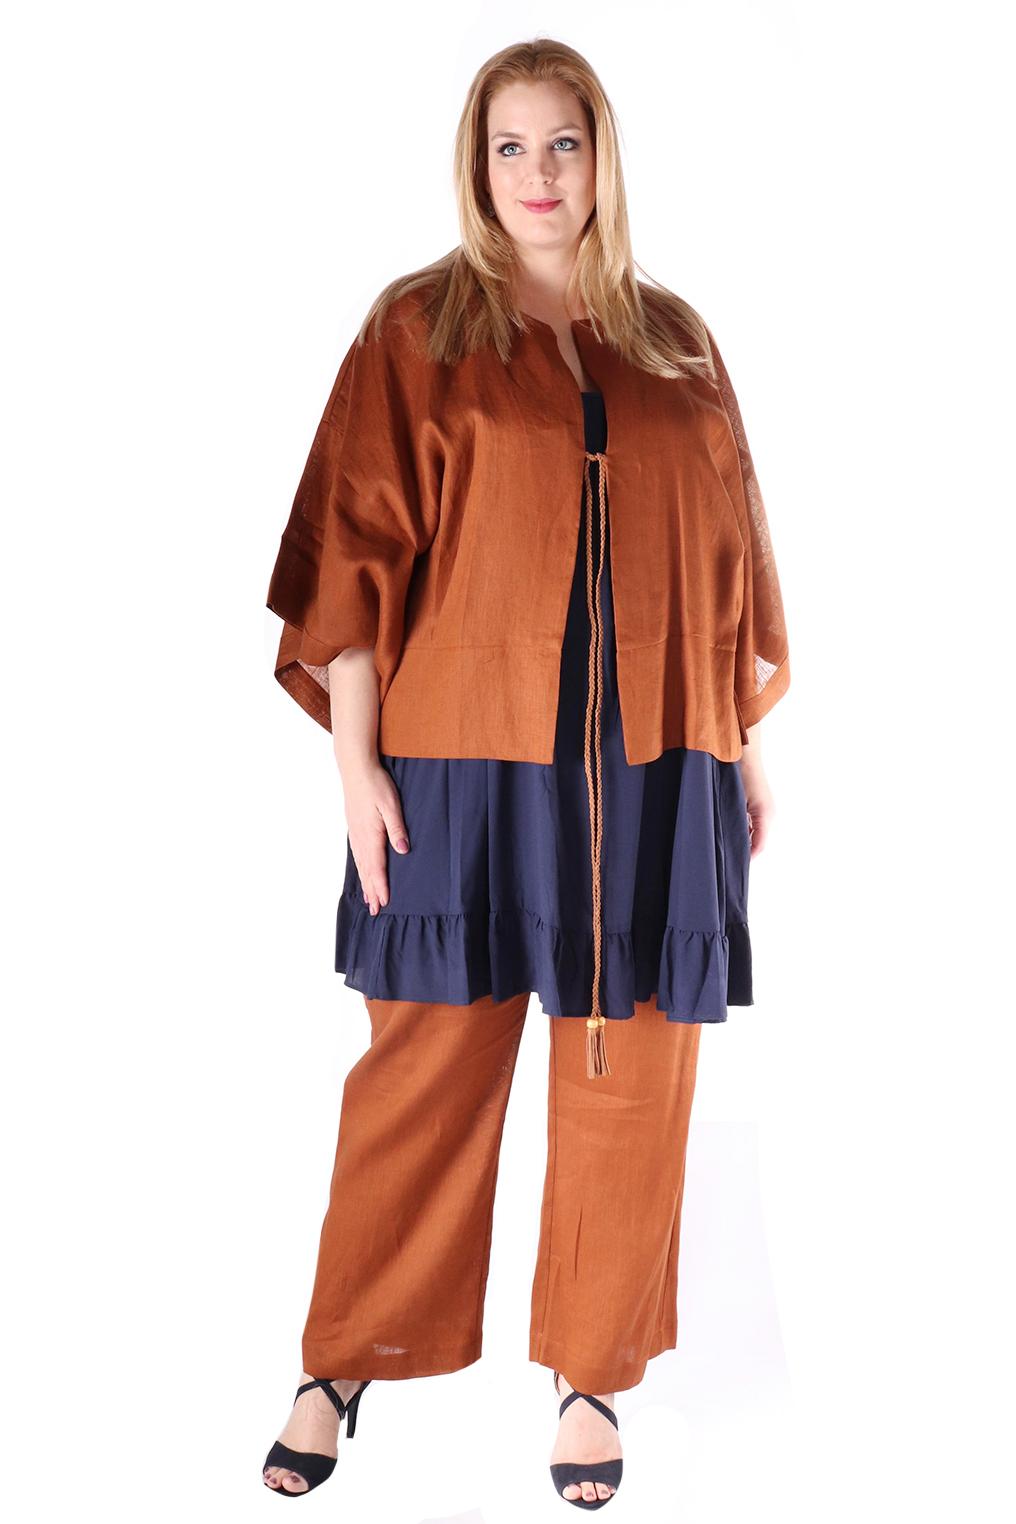 Jasje Mat fashion wijd linnen